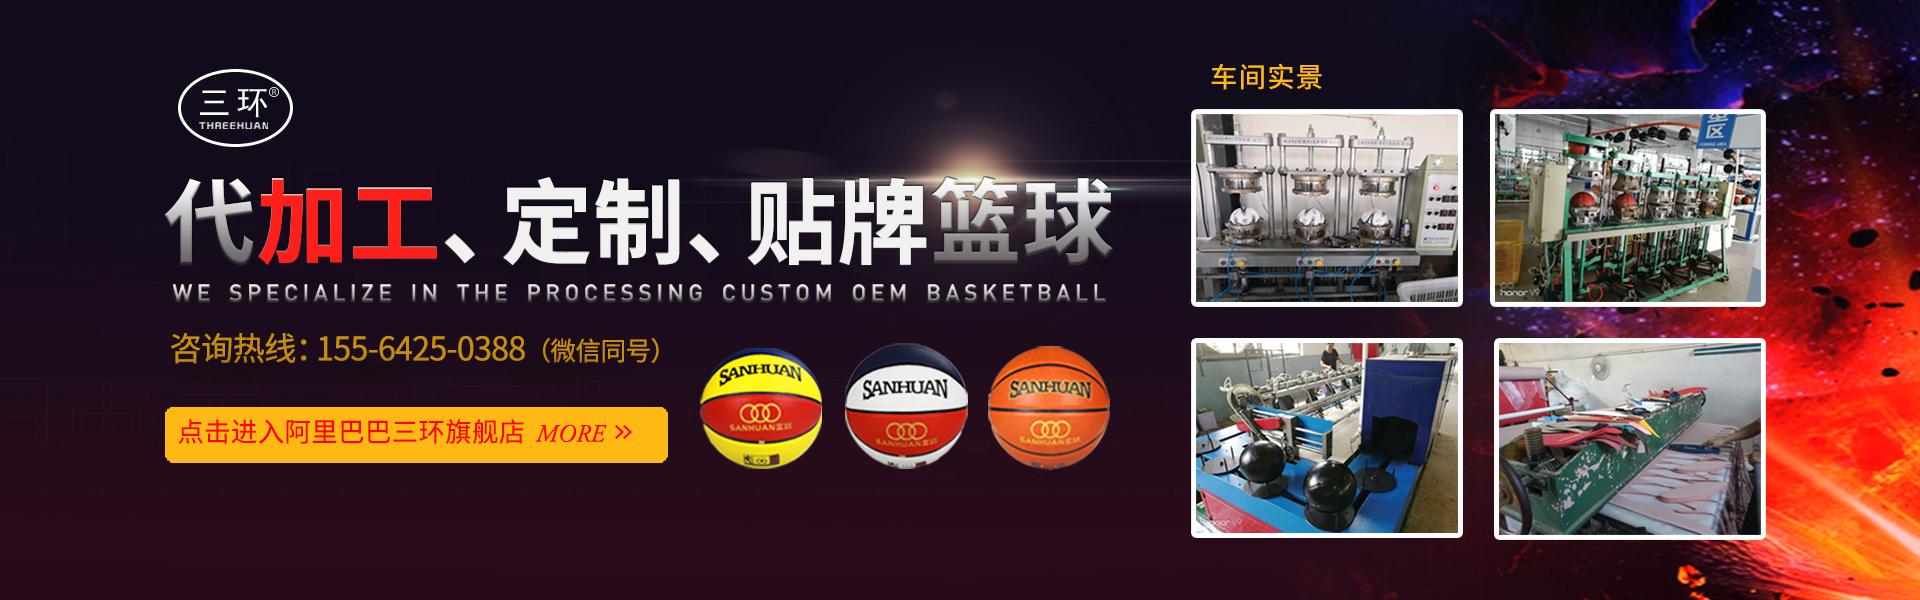 篮球批发,篮球定做,足球批发,山东排球批发